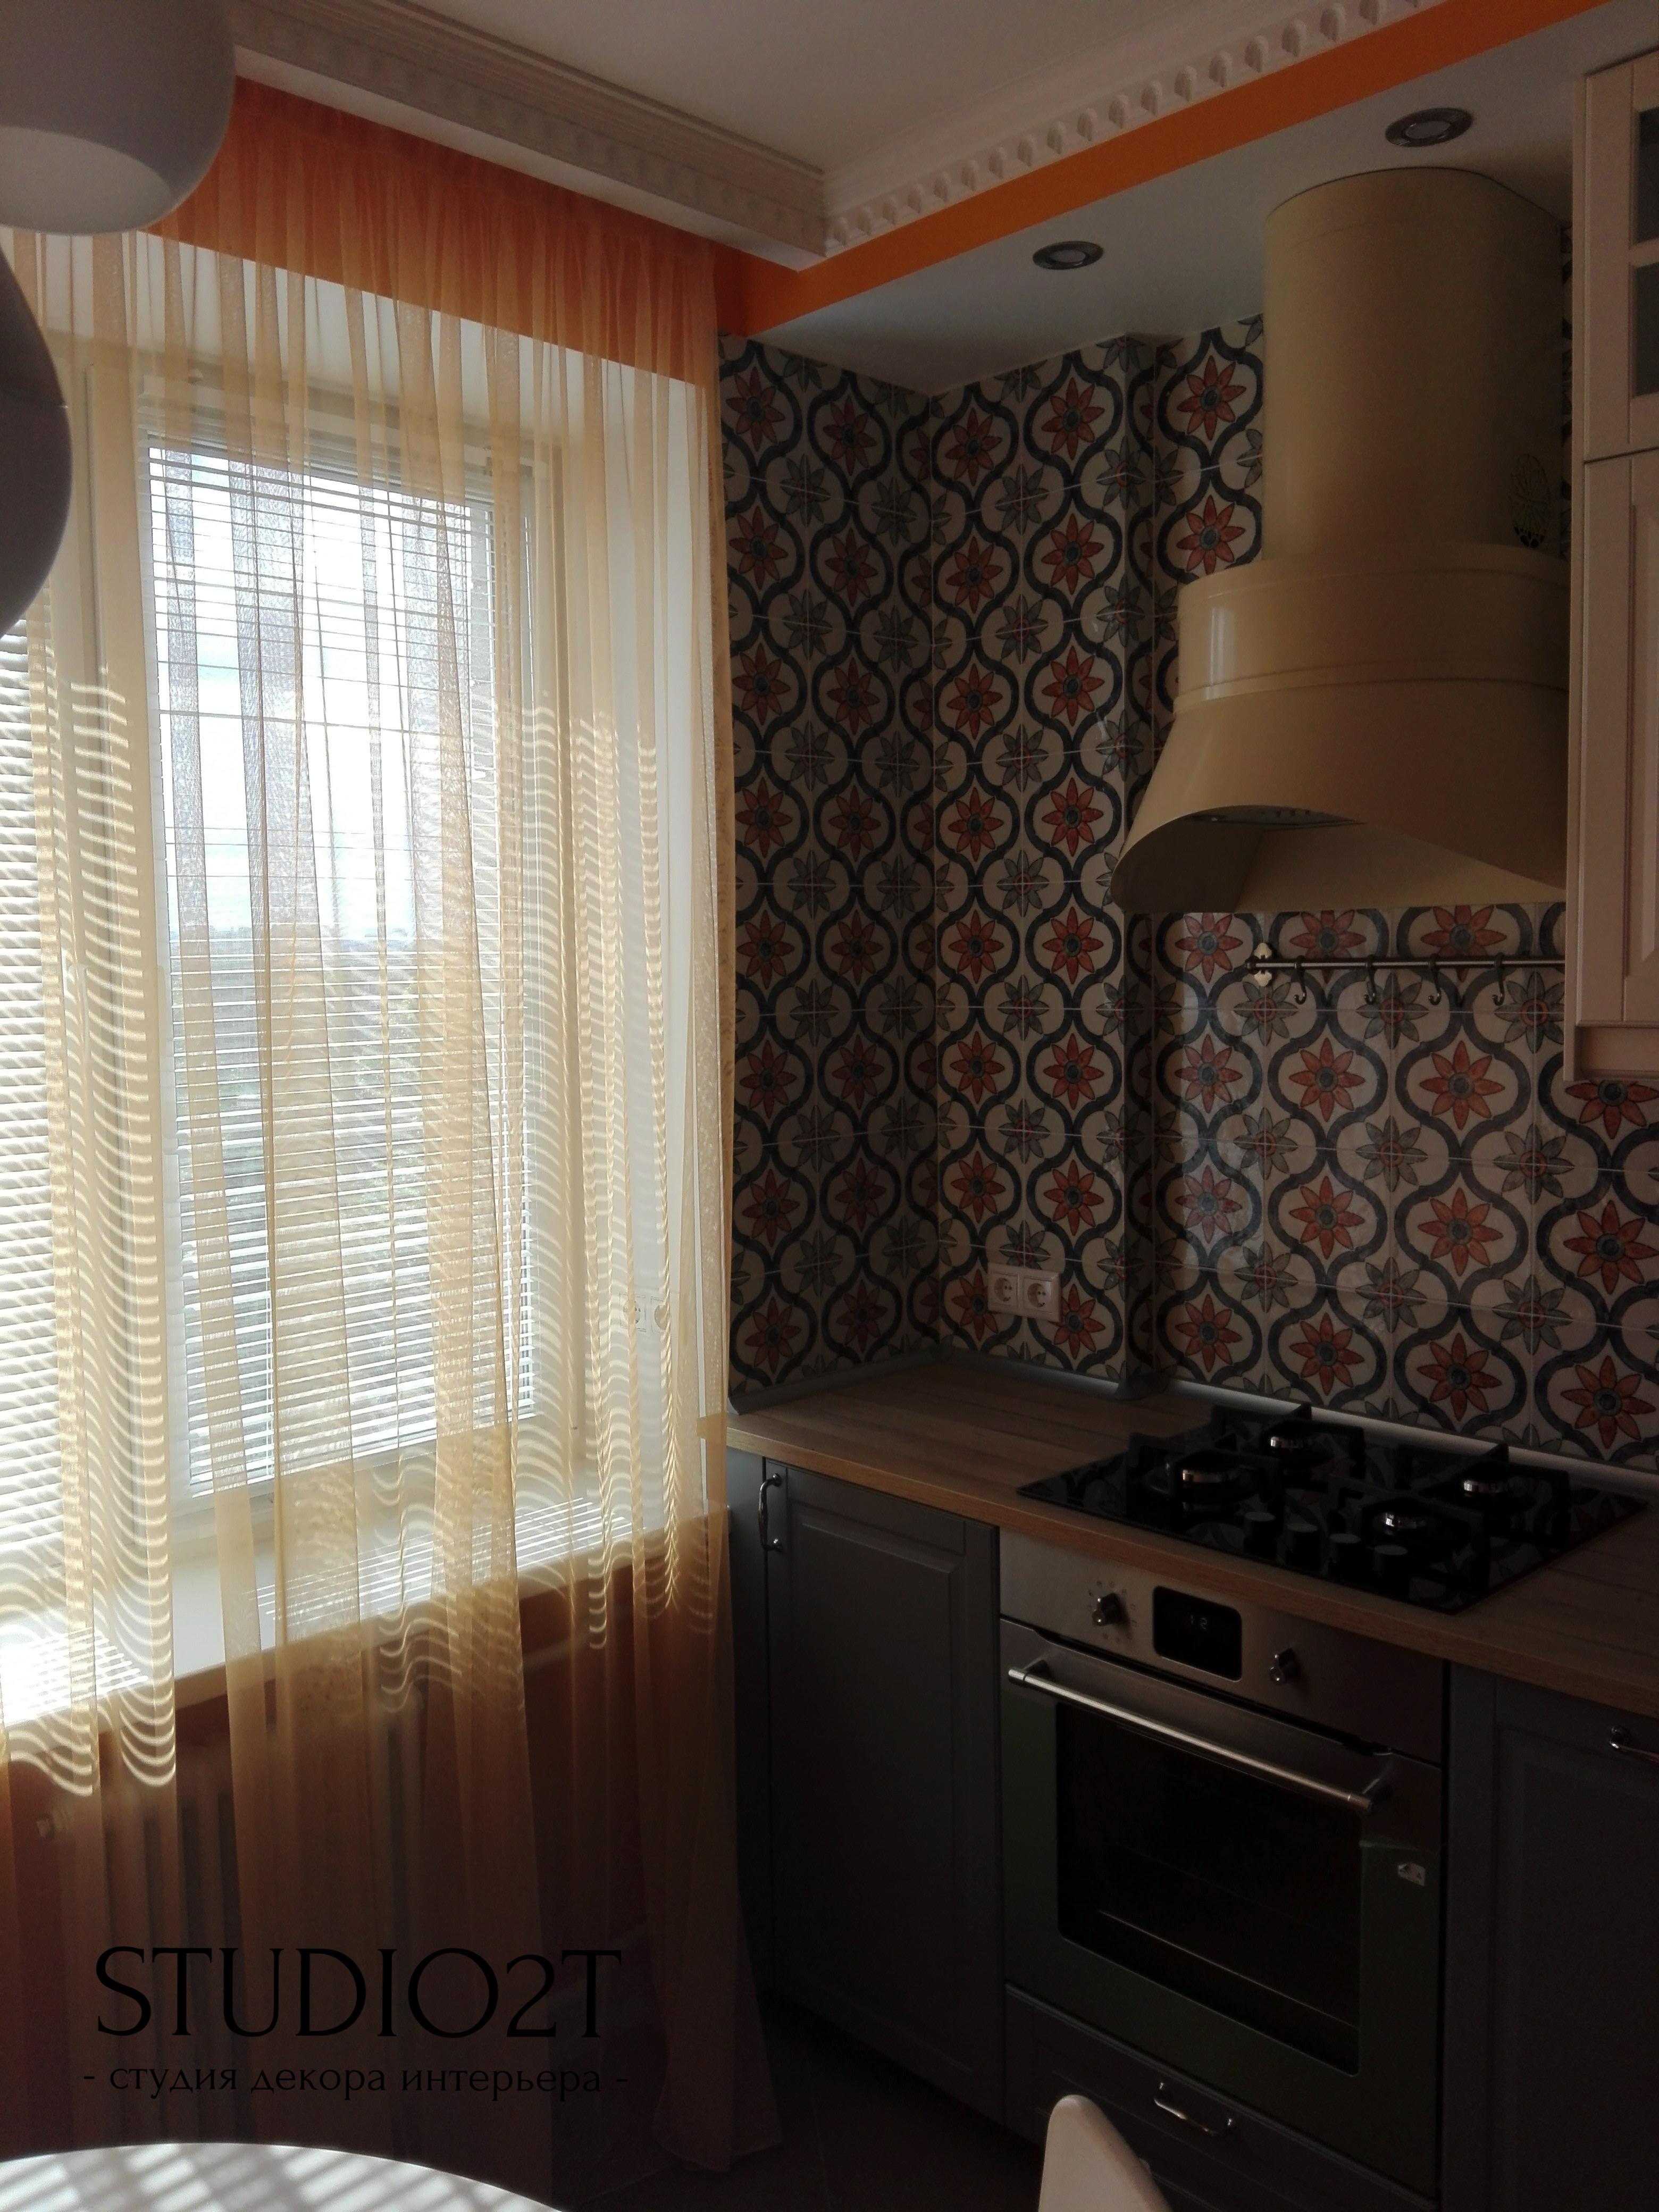 Тюль для кухни